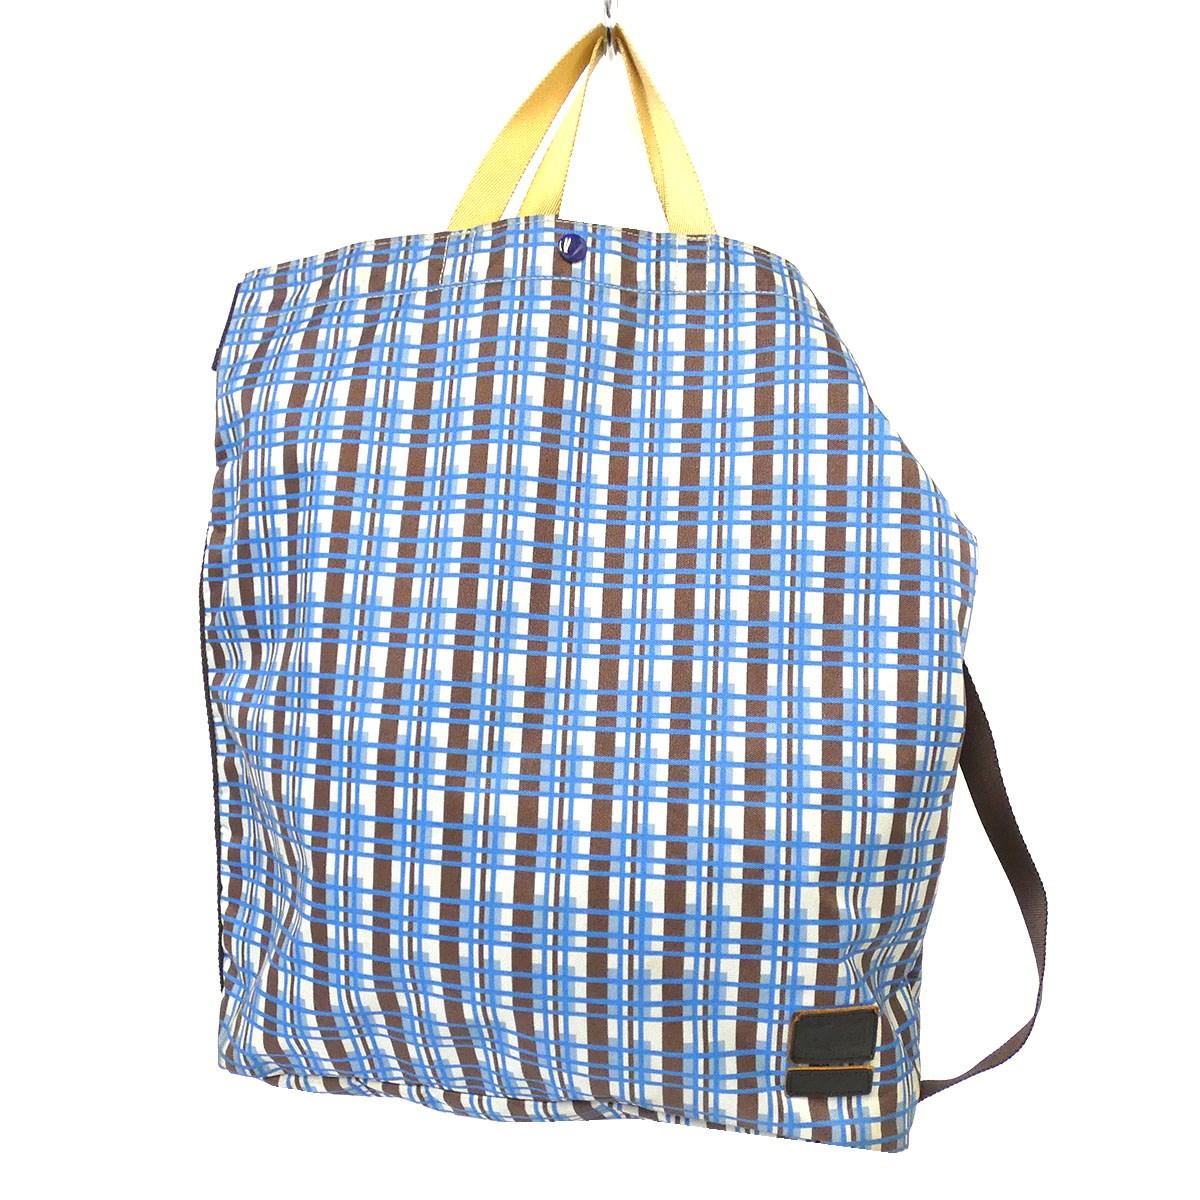 【中古】MARNI×PORTER チェックトートバッグ ブルー 【290720】(マルニ×ポーター)